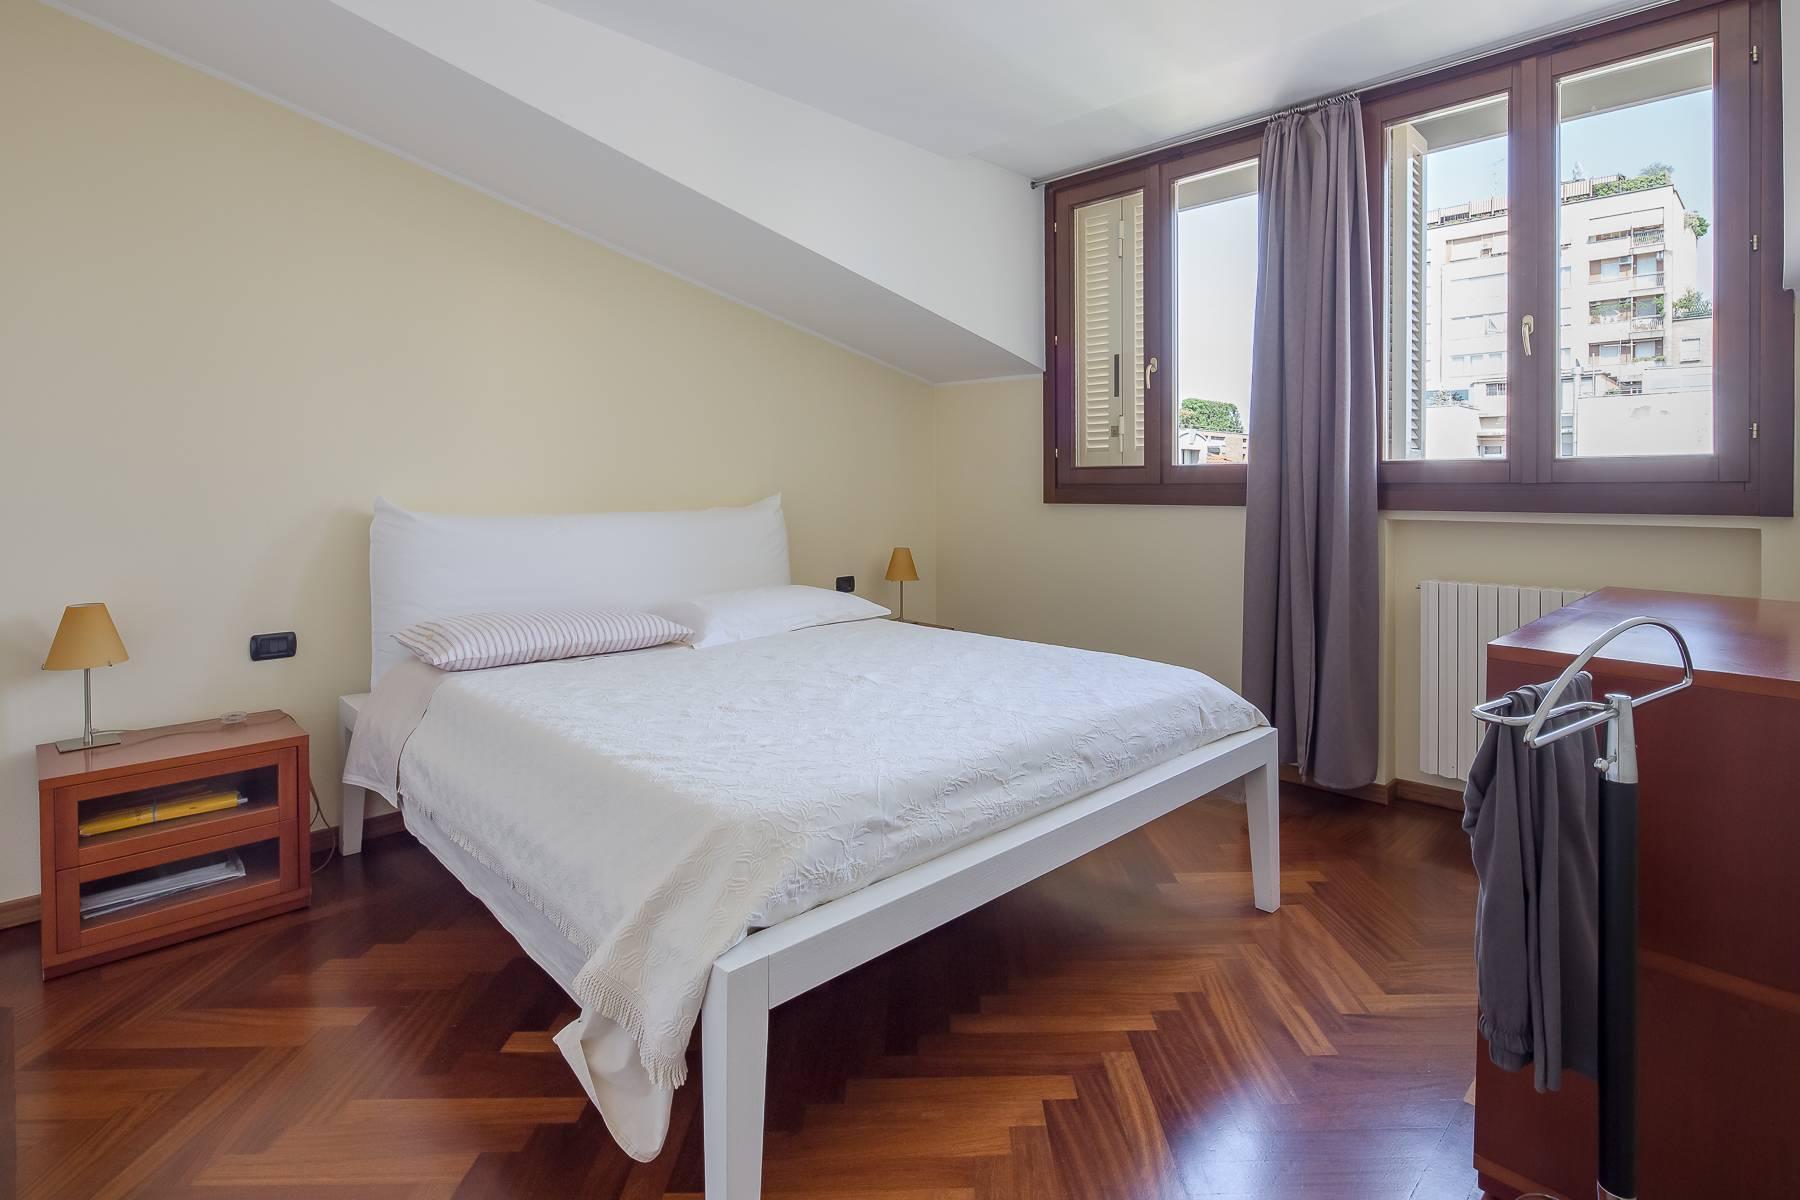 Grazioso appartamento mansardato con 4 camere in Magenta - 7